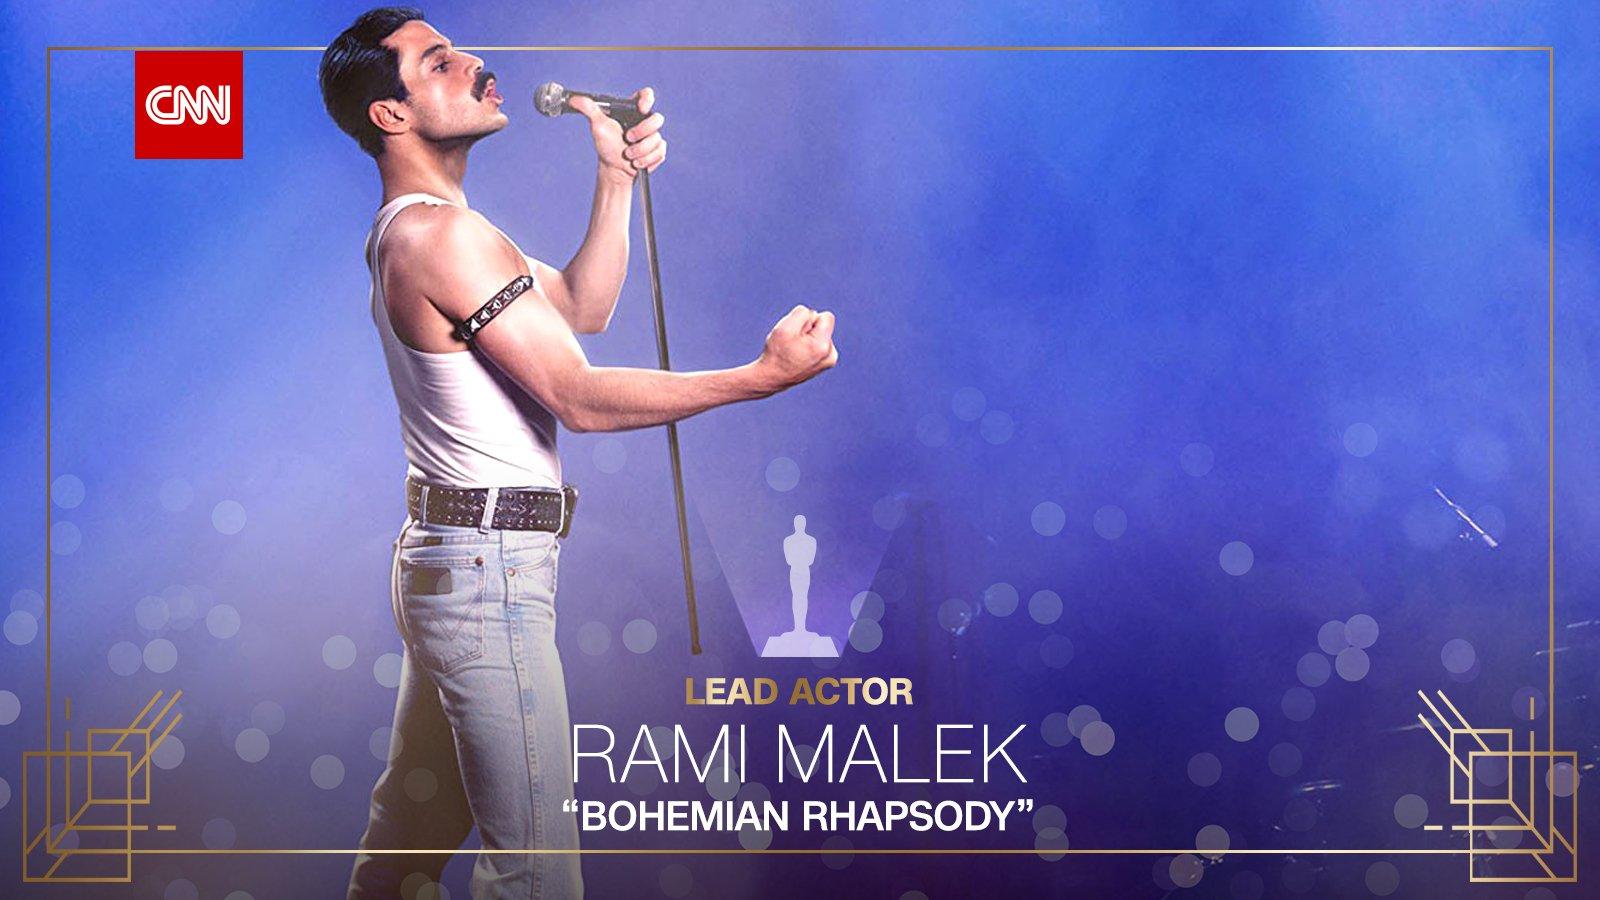 """Rami Malek wins best actor in a leading role for """"Bohemian Rhapsody"""" #Oscars https://t.co/HMvEwWDGqo https://t.co/JZHO4o5rY5"""